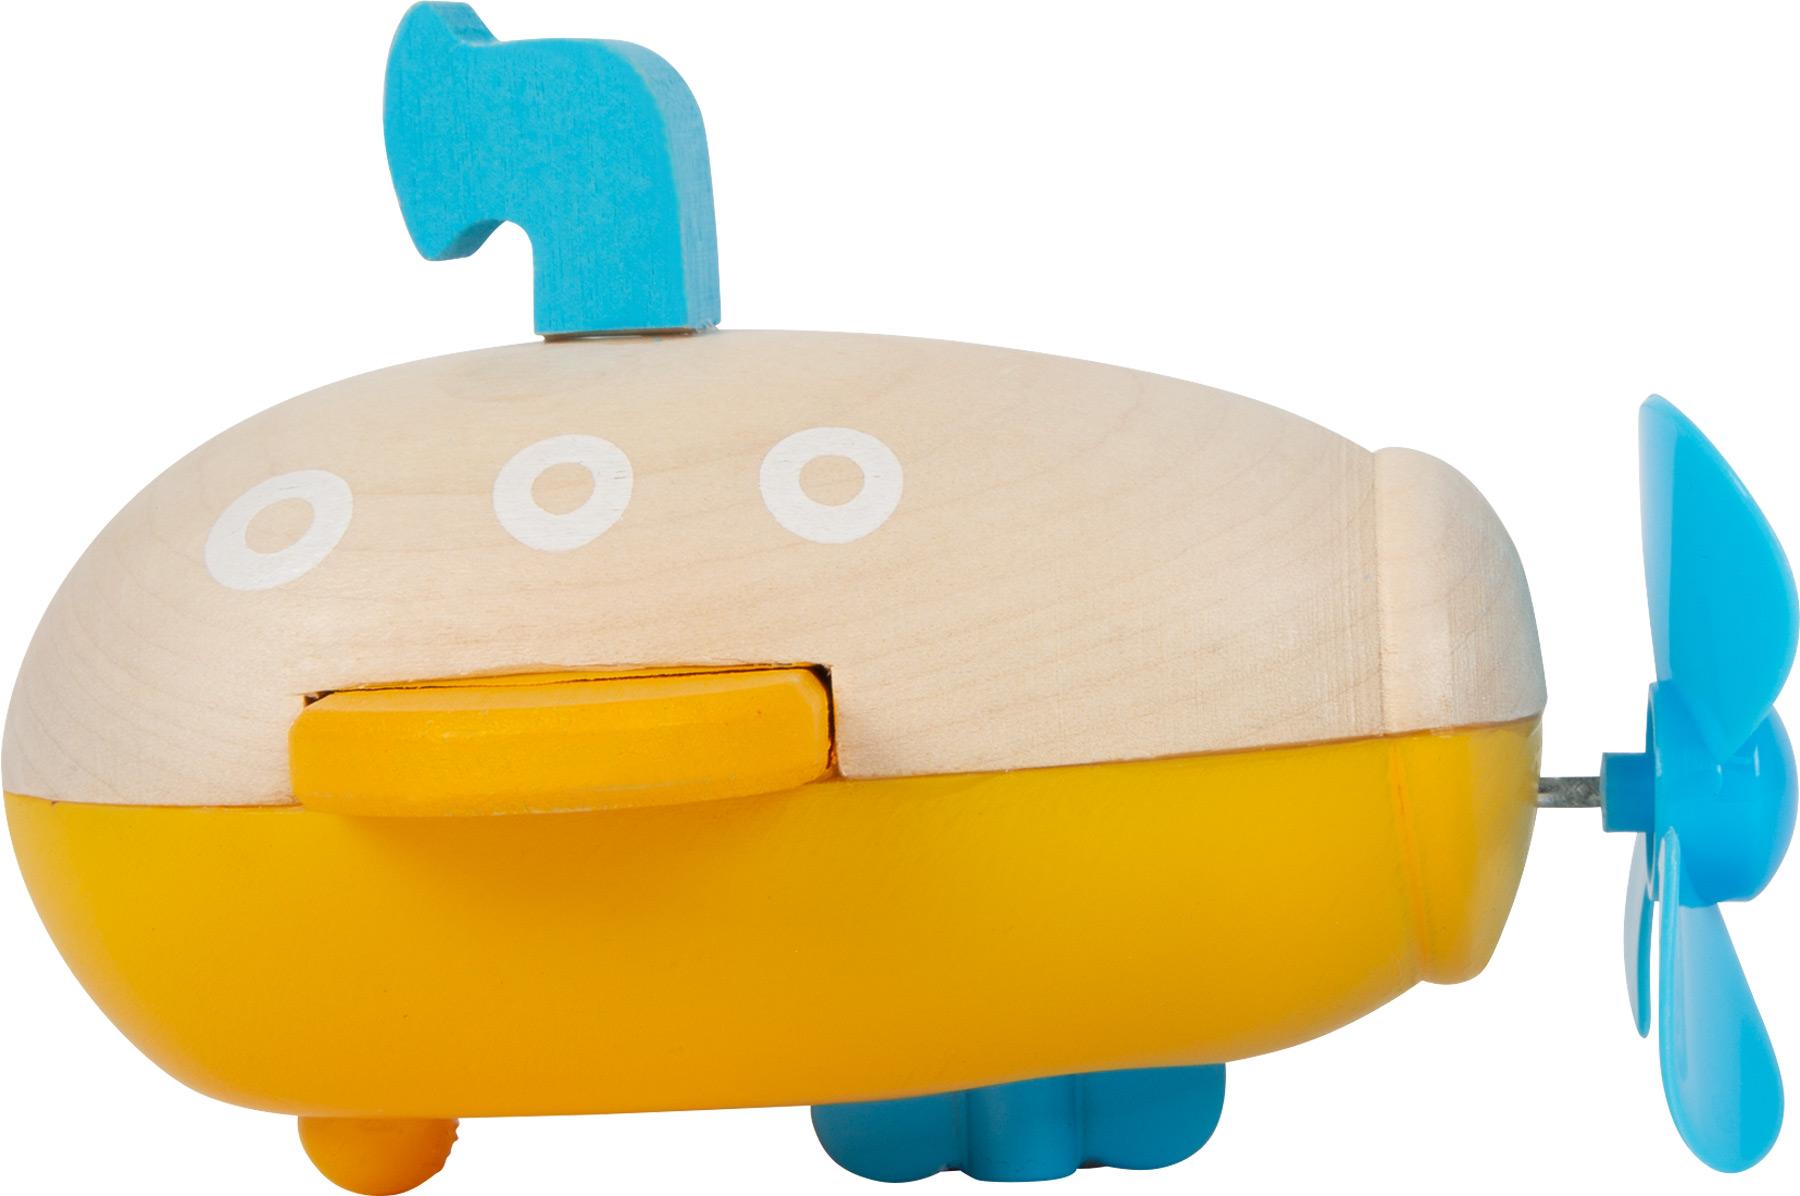 Submarino Amarelo de corda | Brinquedo de Água